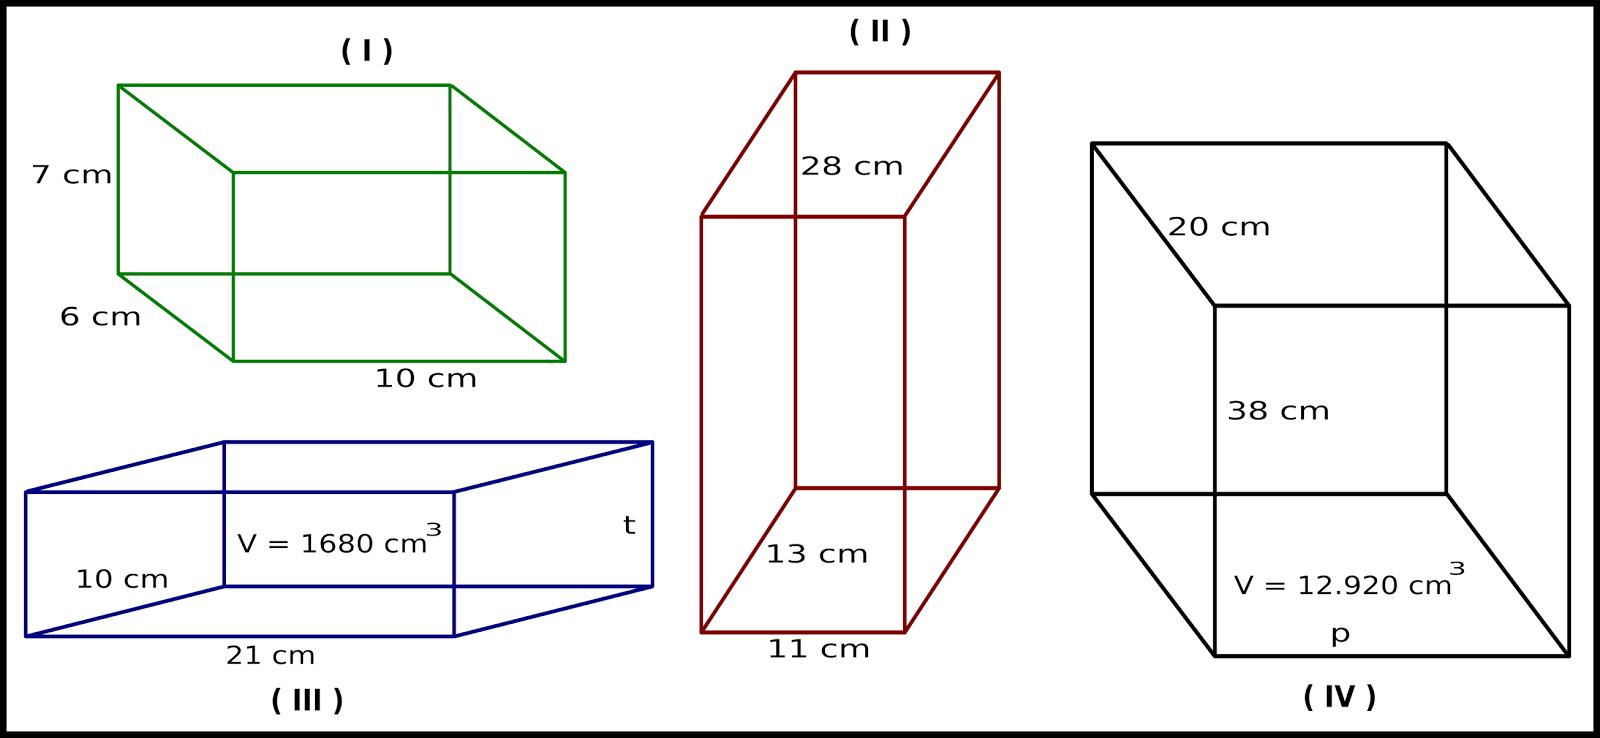 Soal Matematika Kelas 5 SD Bab 5 Kubus dan Balok dan Kunci Jawaban  Bimbel Brilian